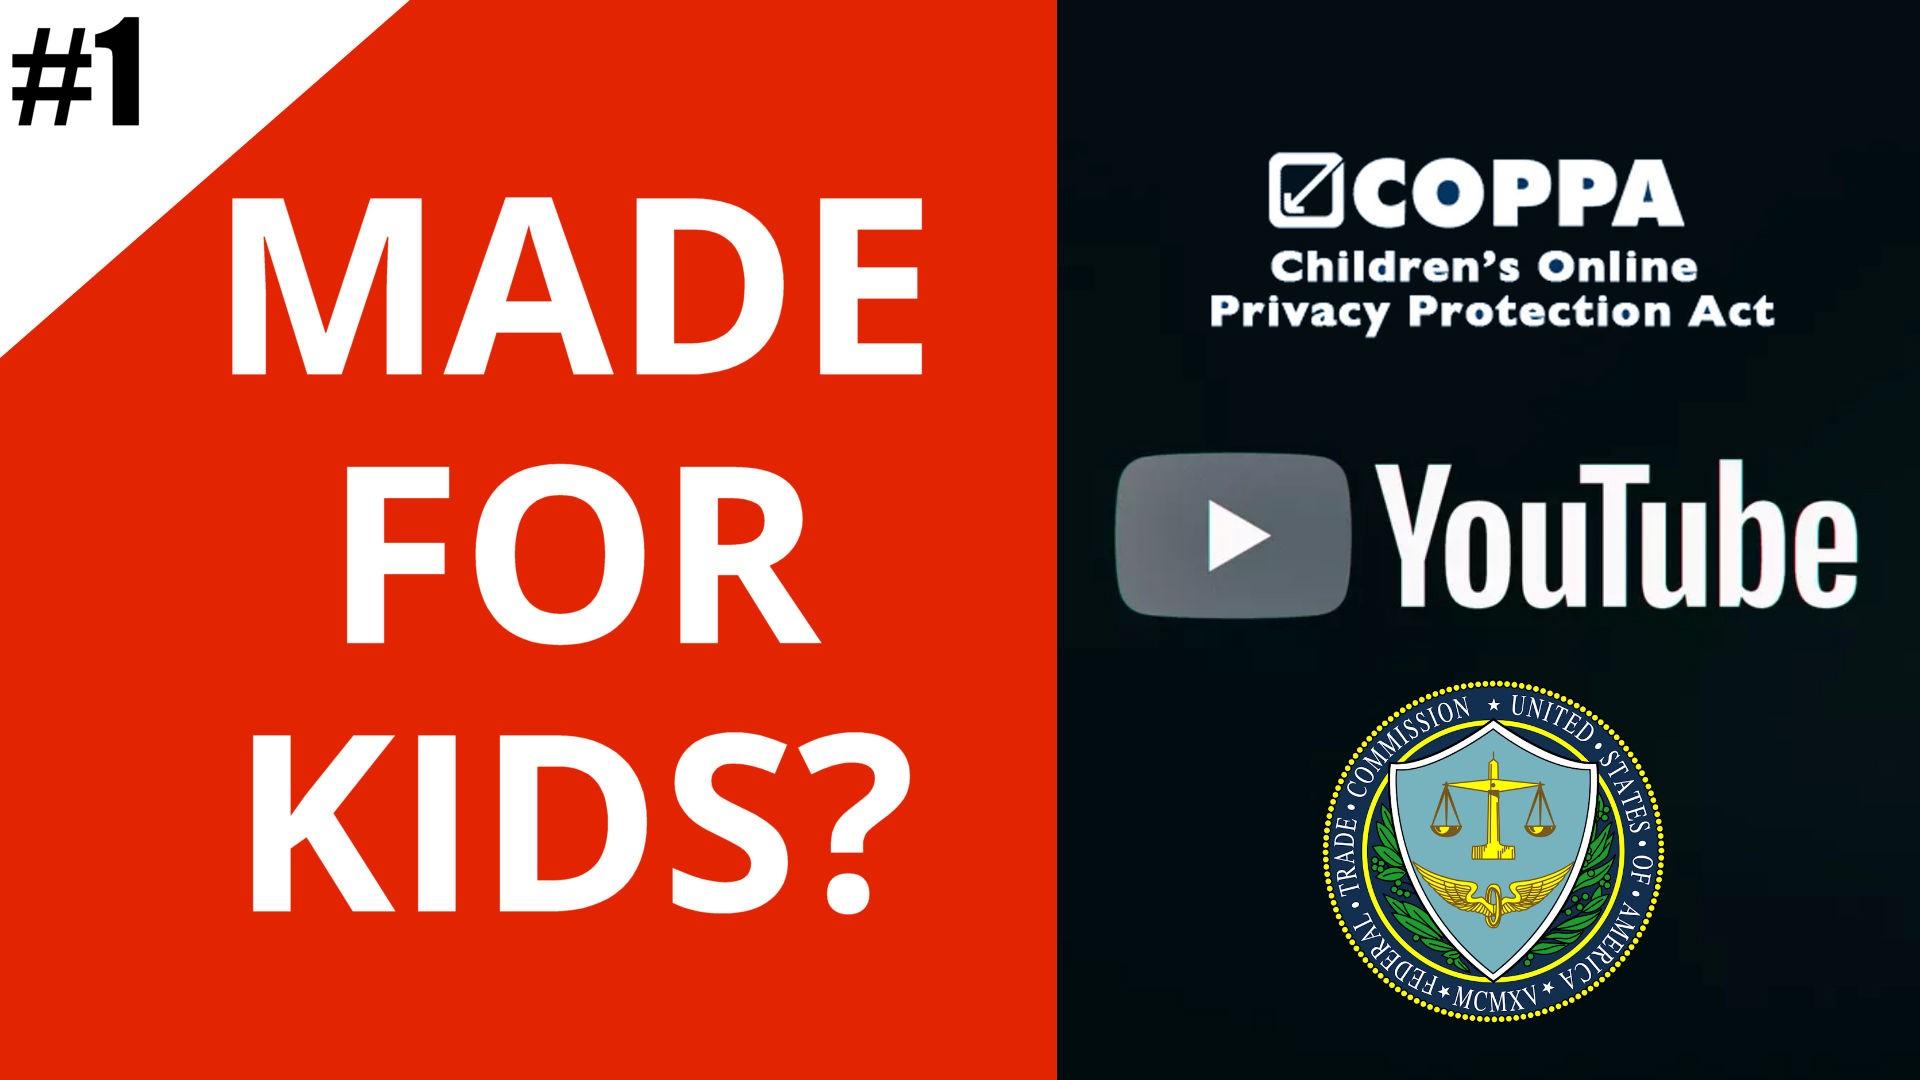 YouTube en COPPA